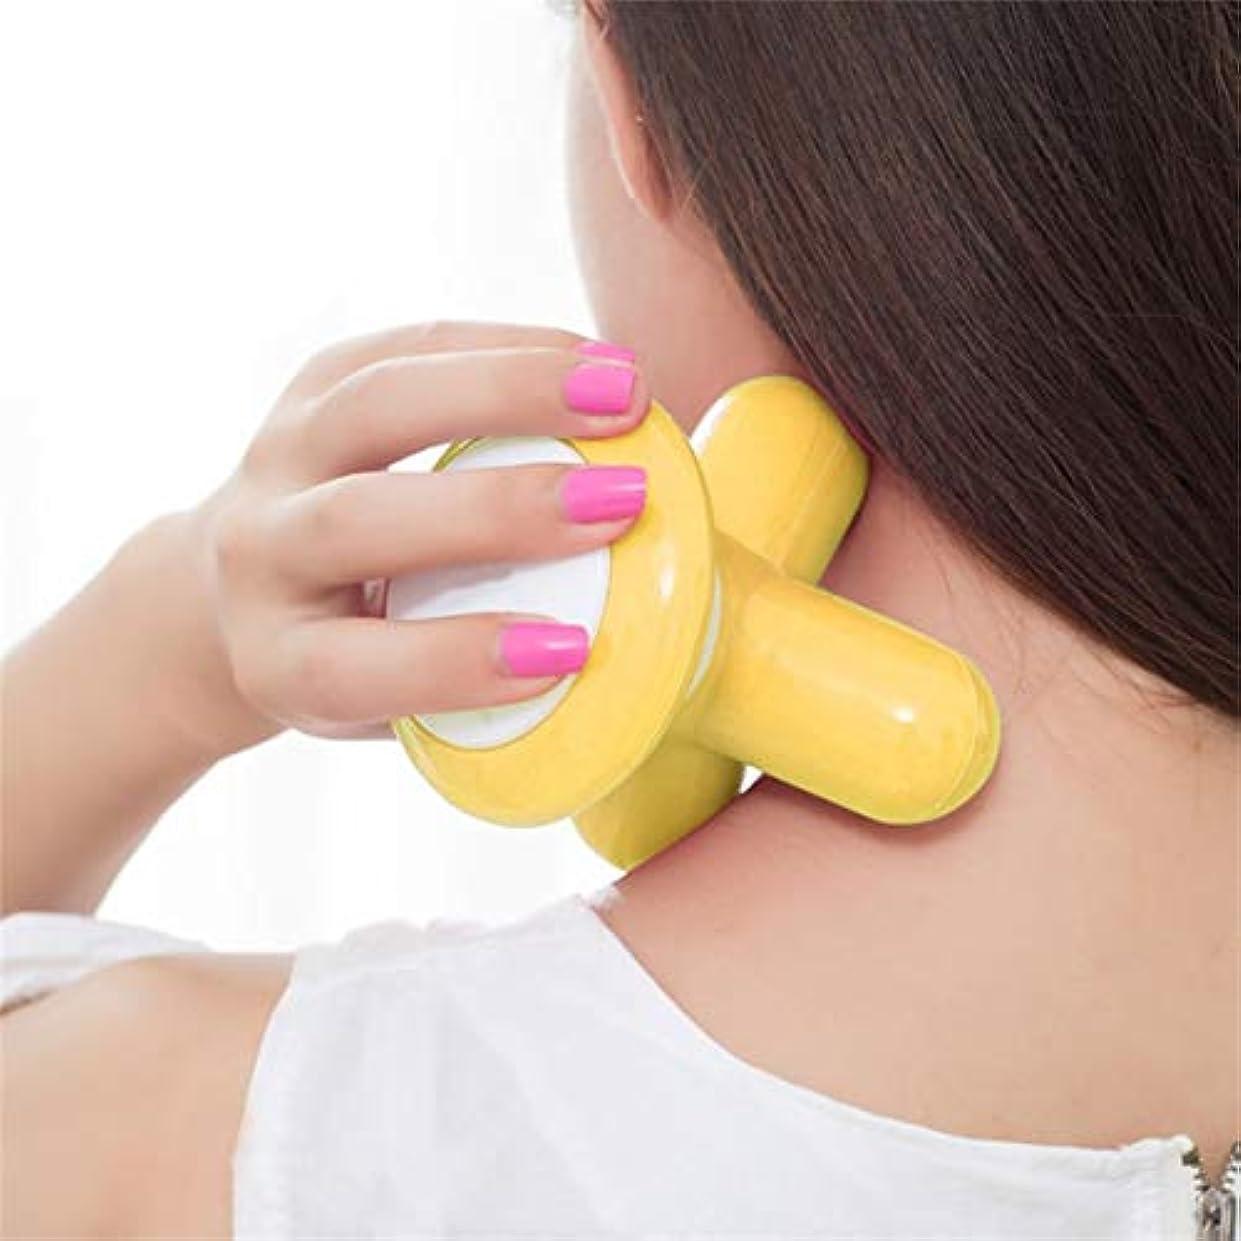 永久に再発するバランスのとれたMini Electric Handled Wave Vibrating Massager USB Battery Full Body Massage Ultra-compact Lightweight Convenient...